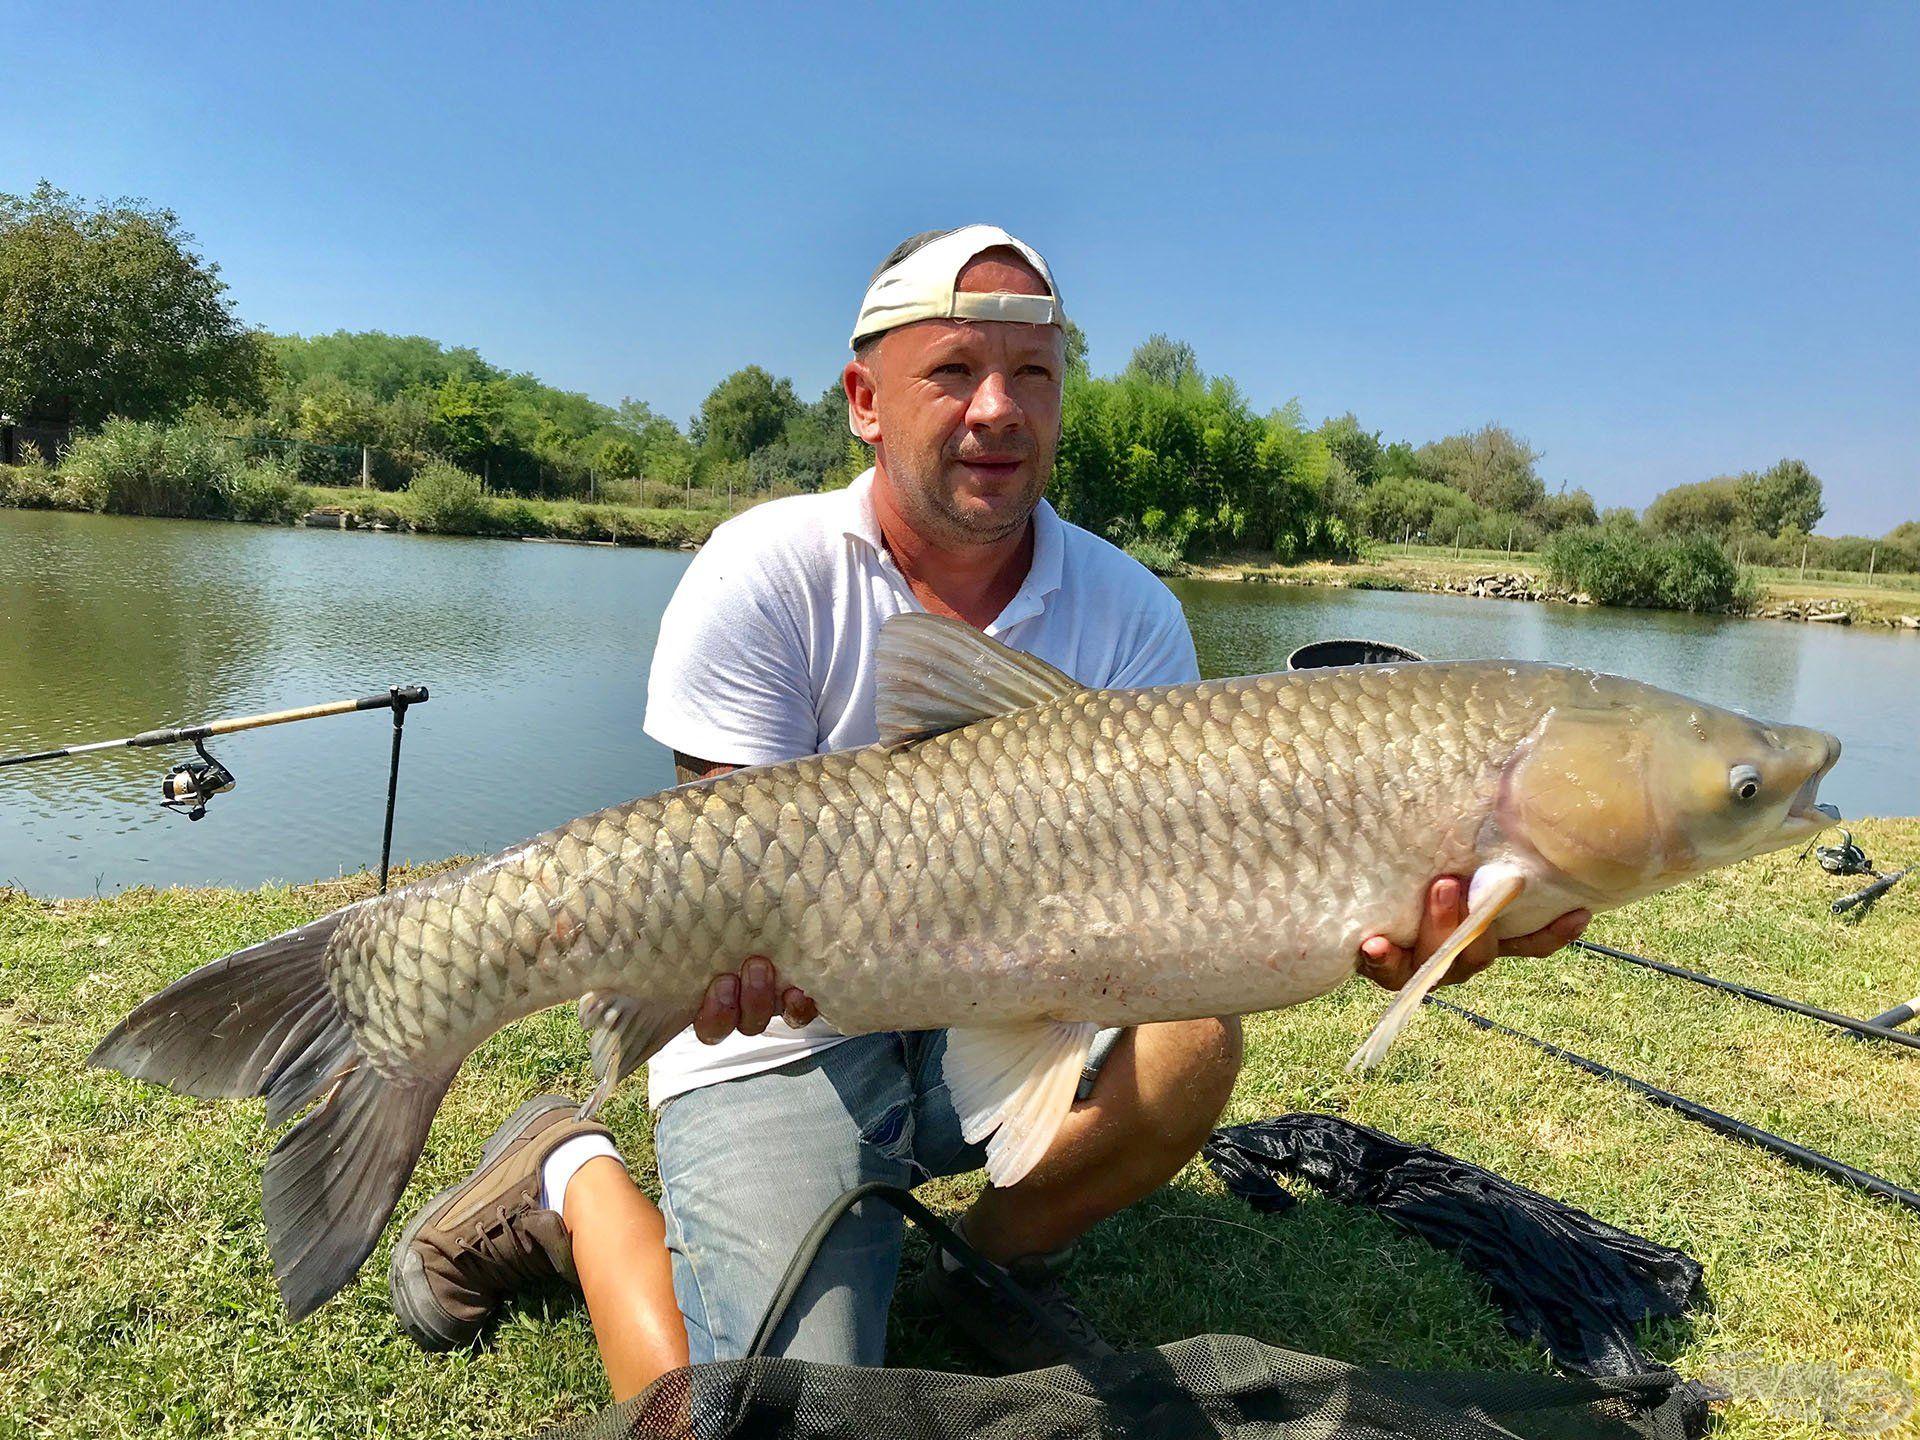 Ezen a napon Beke Tibor fogta a legnagyobbat, amelynek pontos súlya 12.900 g volt!